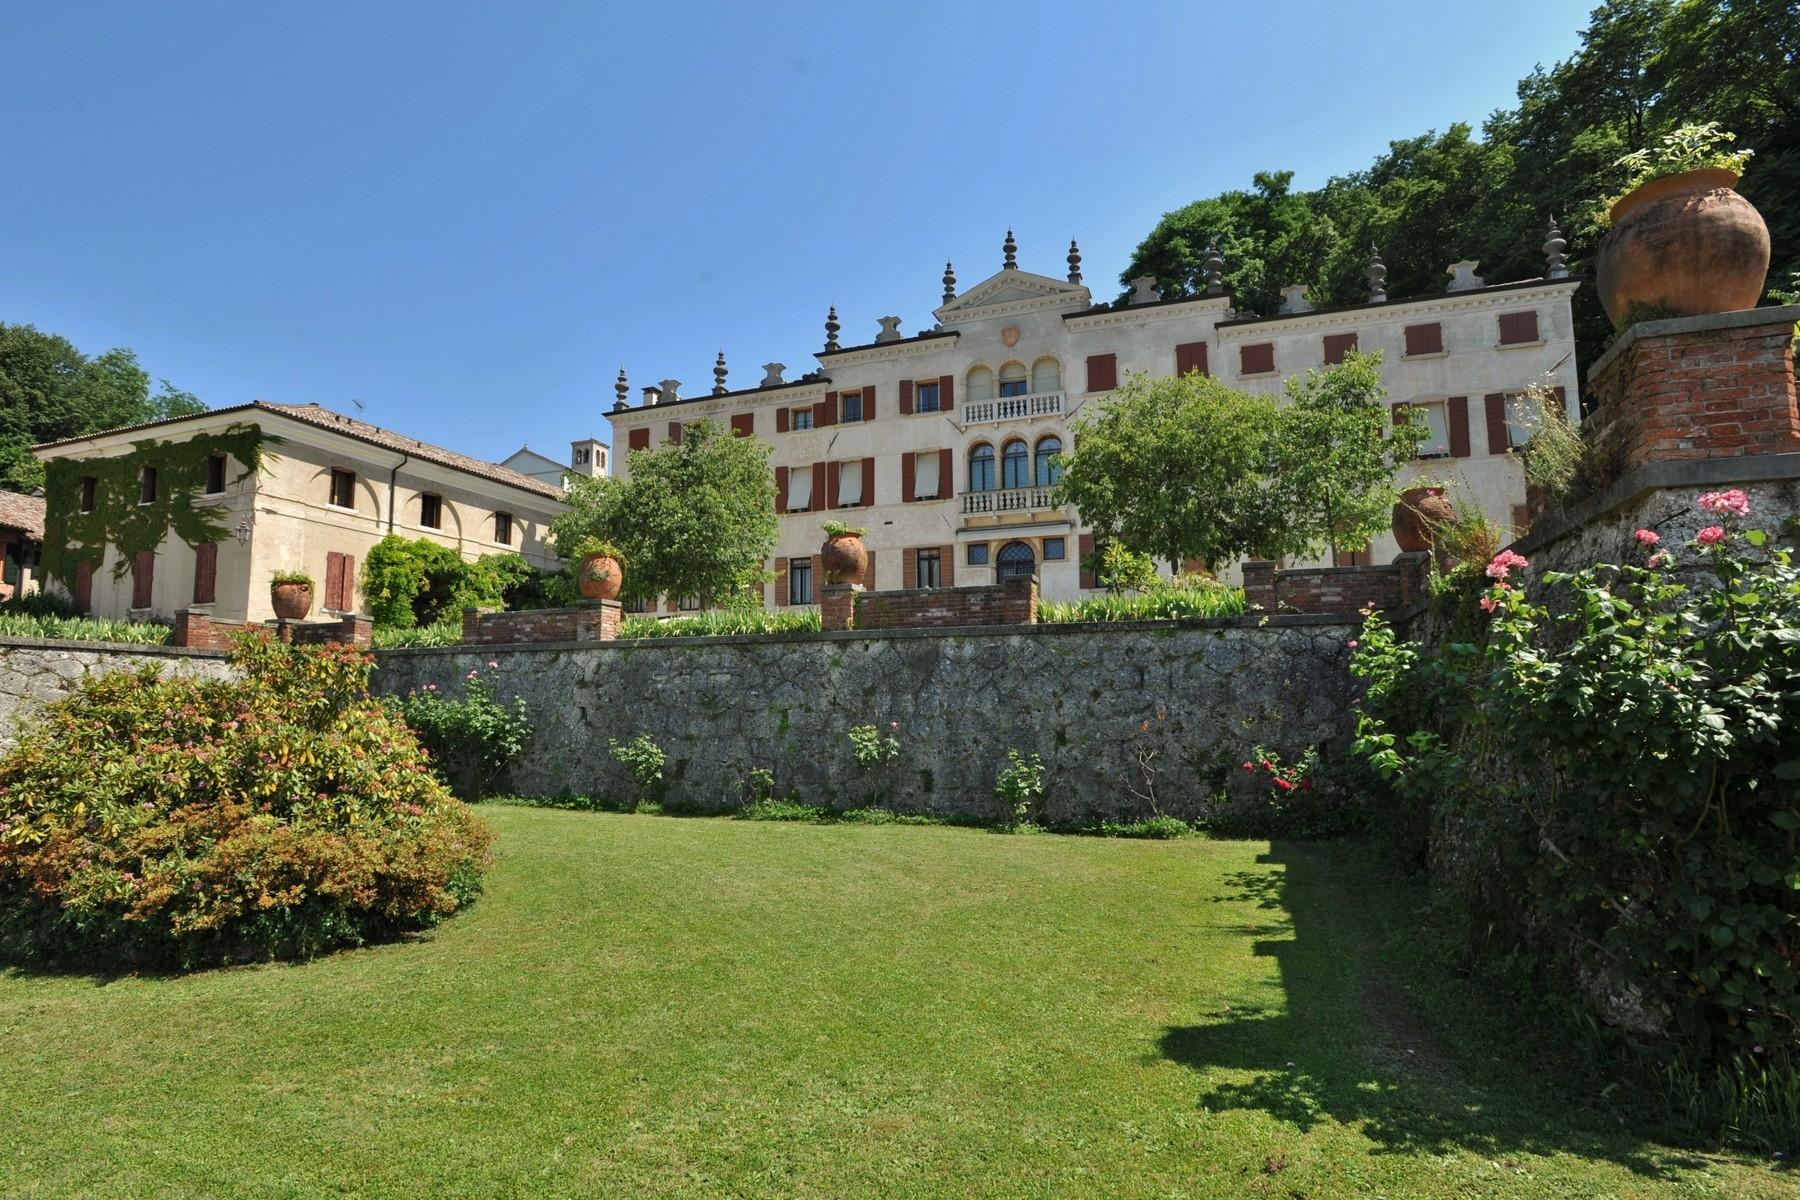 Meravigliosa Villa Veneta nel centro di Asolo (TV) - 1